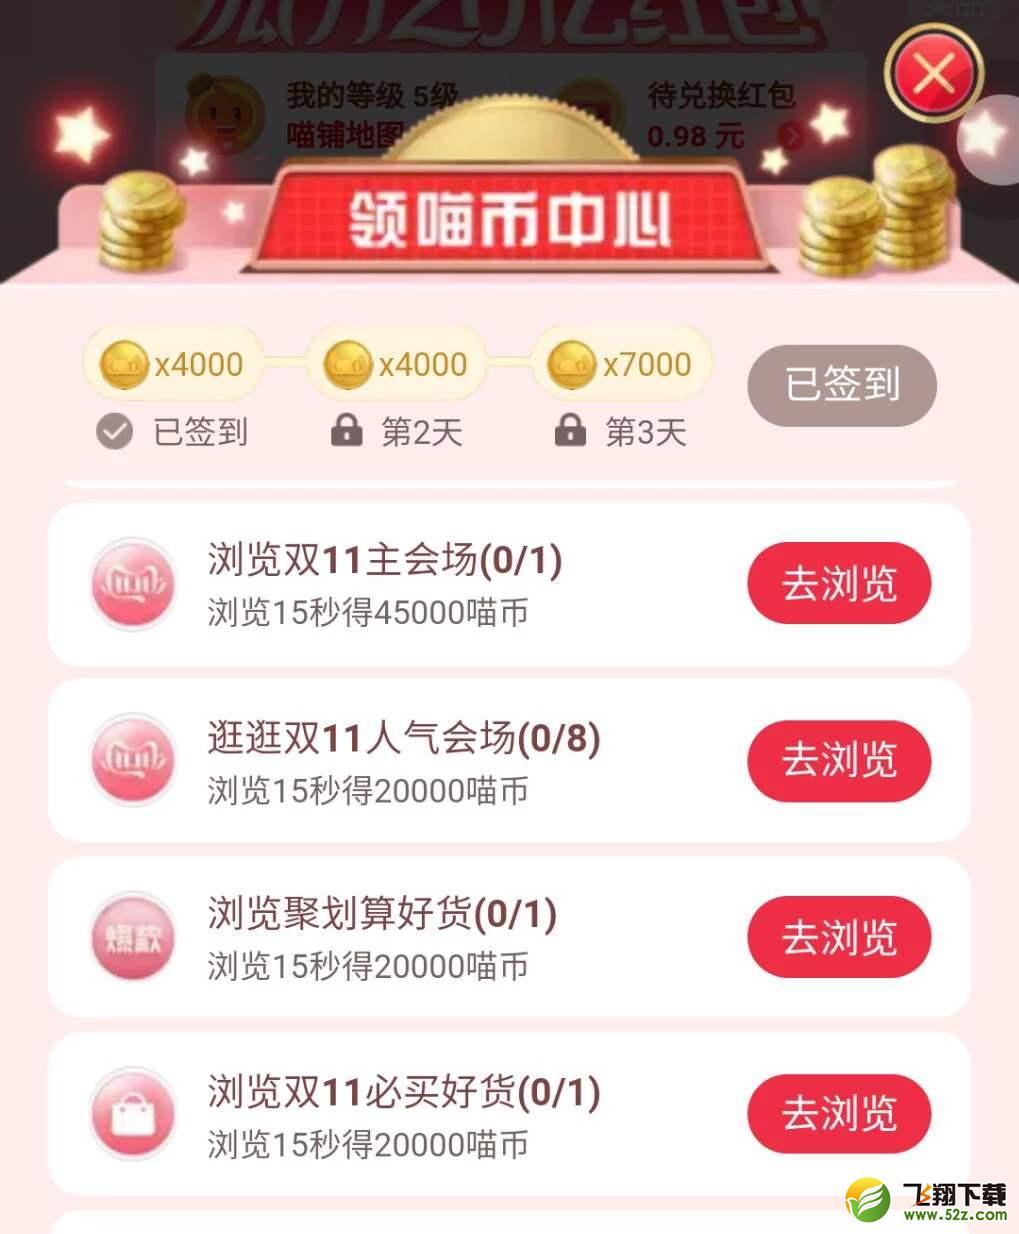 2019淘宝喵币快速升级方法教程_52z.com